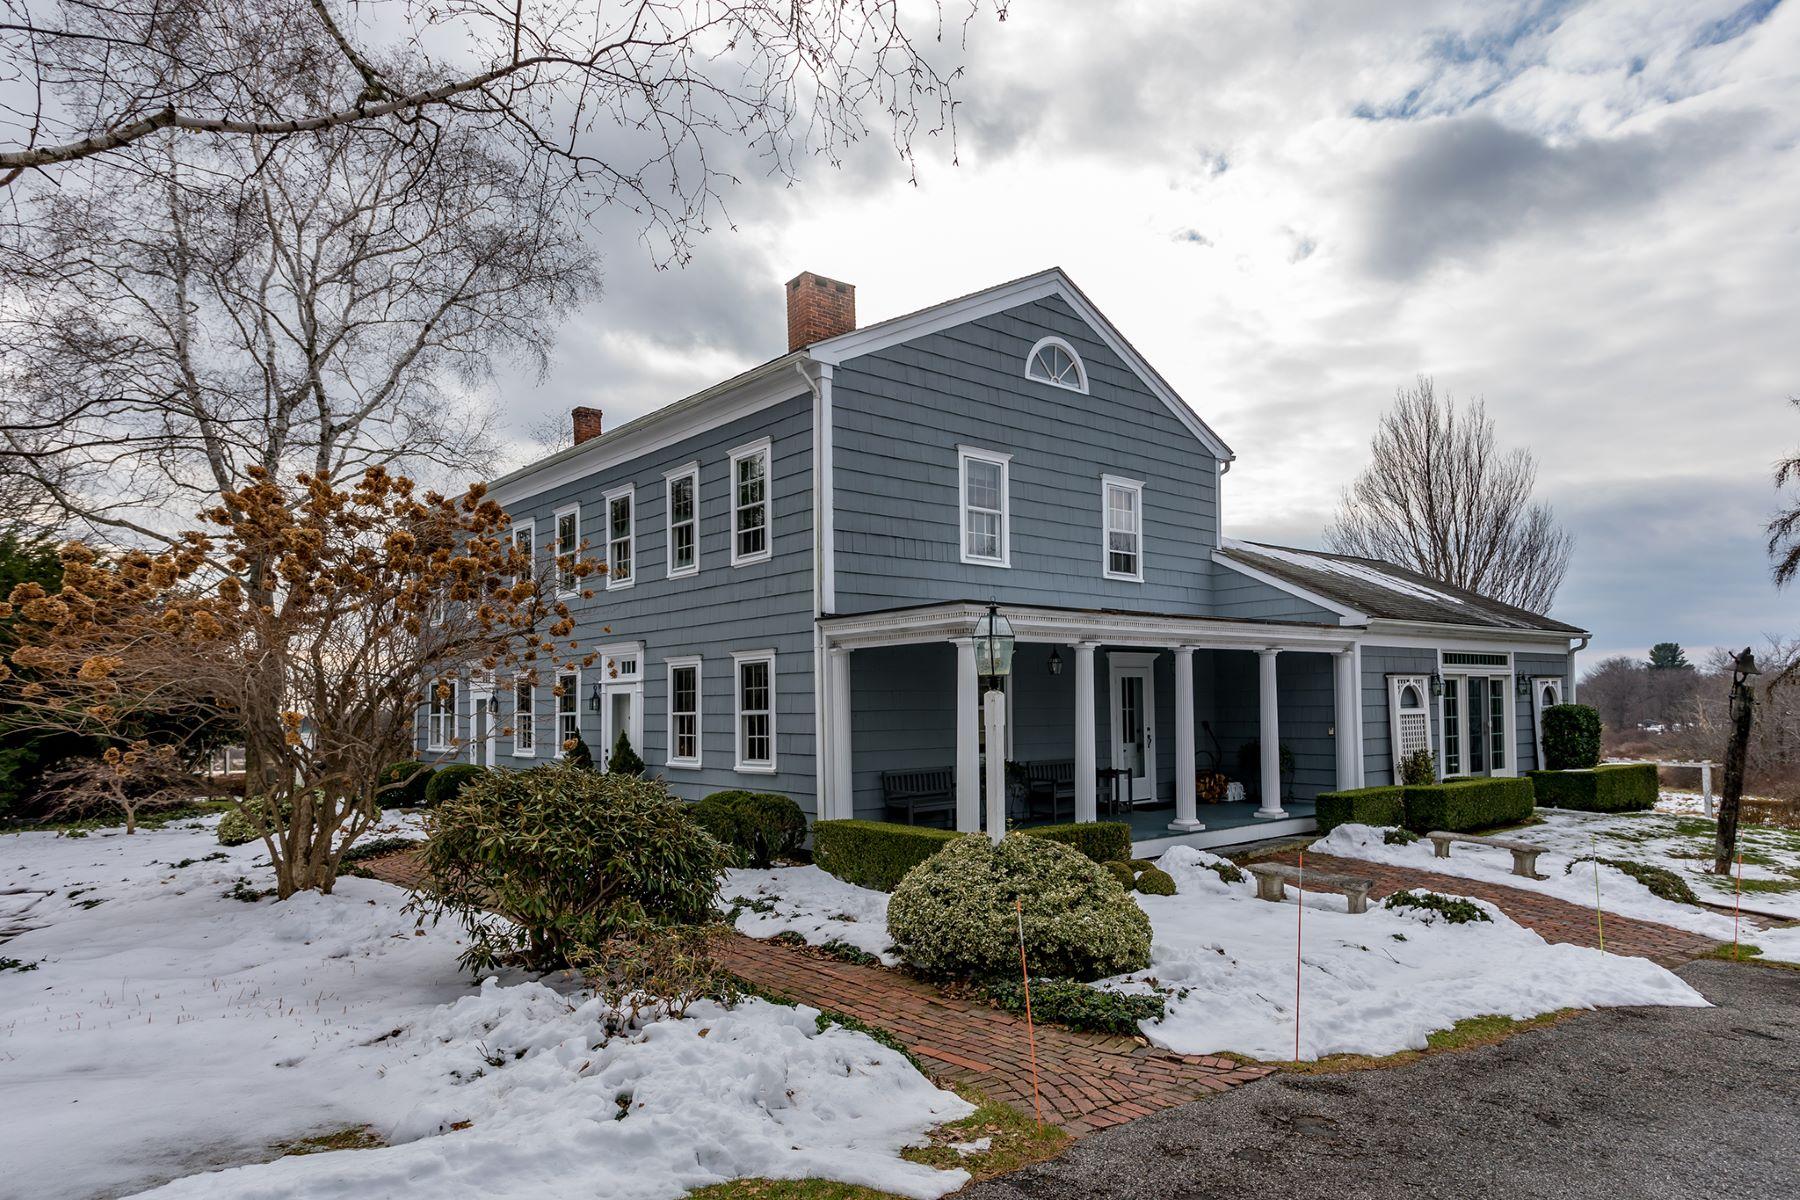 独户住宅 为 销售 在 Authentic circa 1760 Colonial Home 499 Maple Street 利奇菲尔德, 康涅狄格州 06759 美国